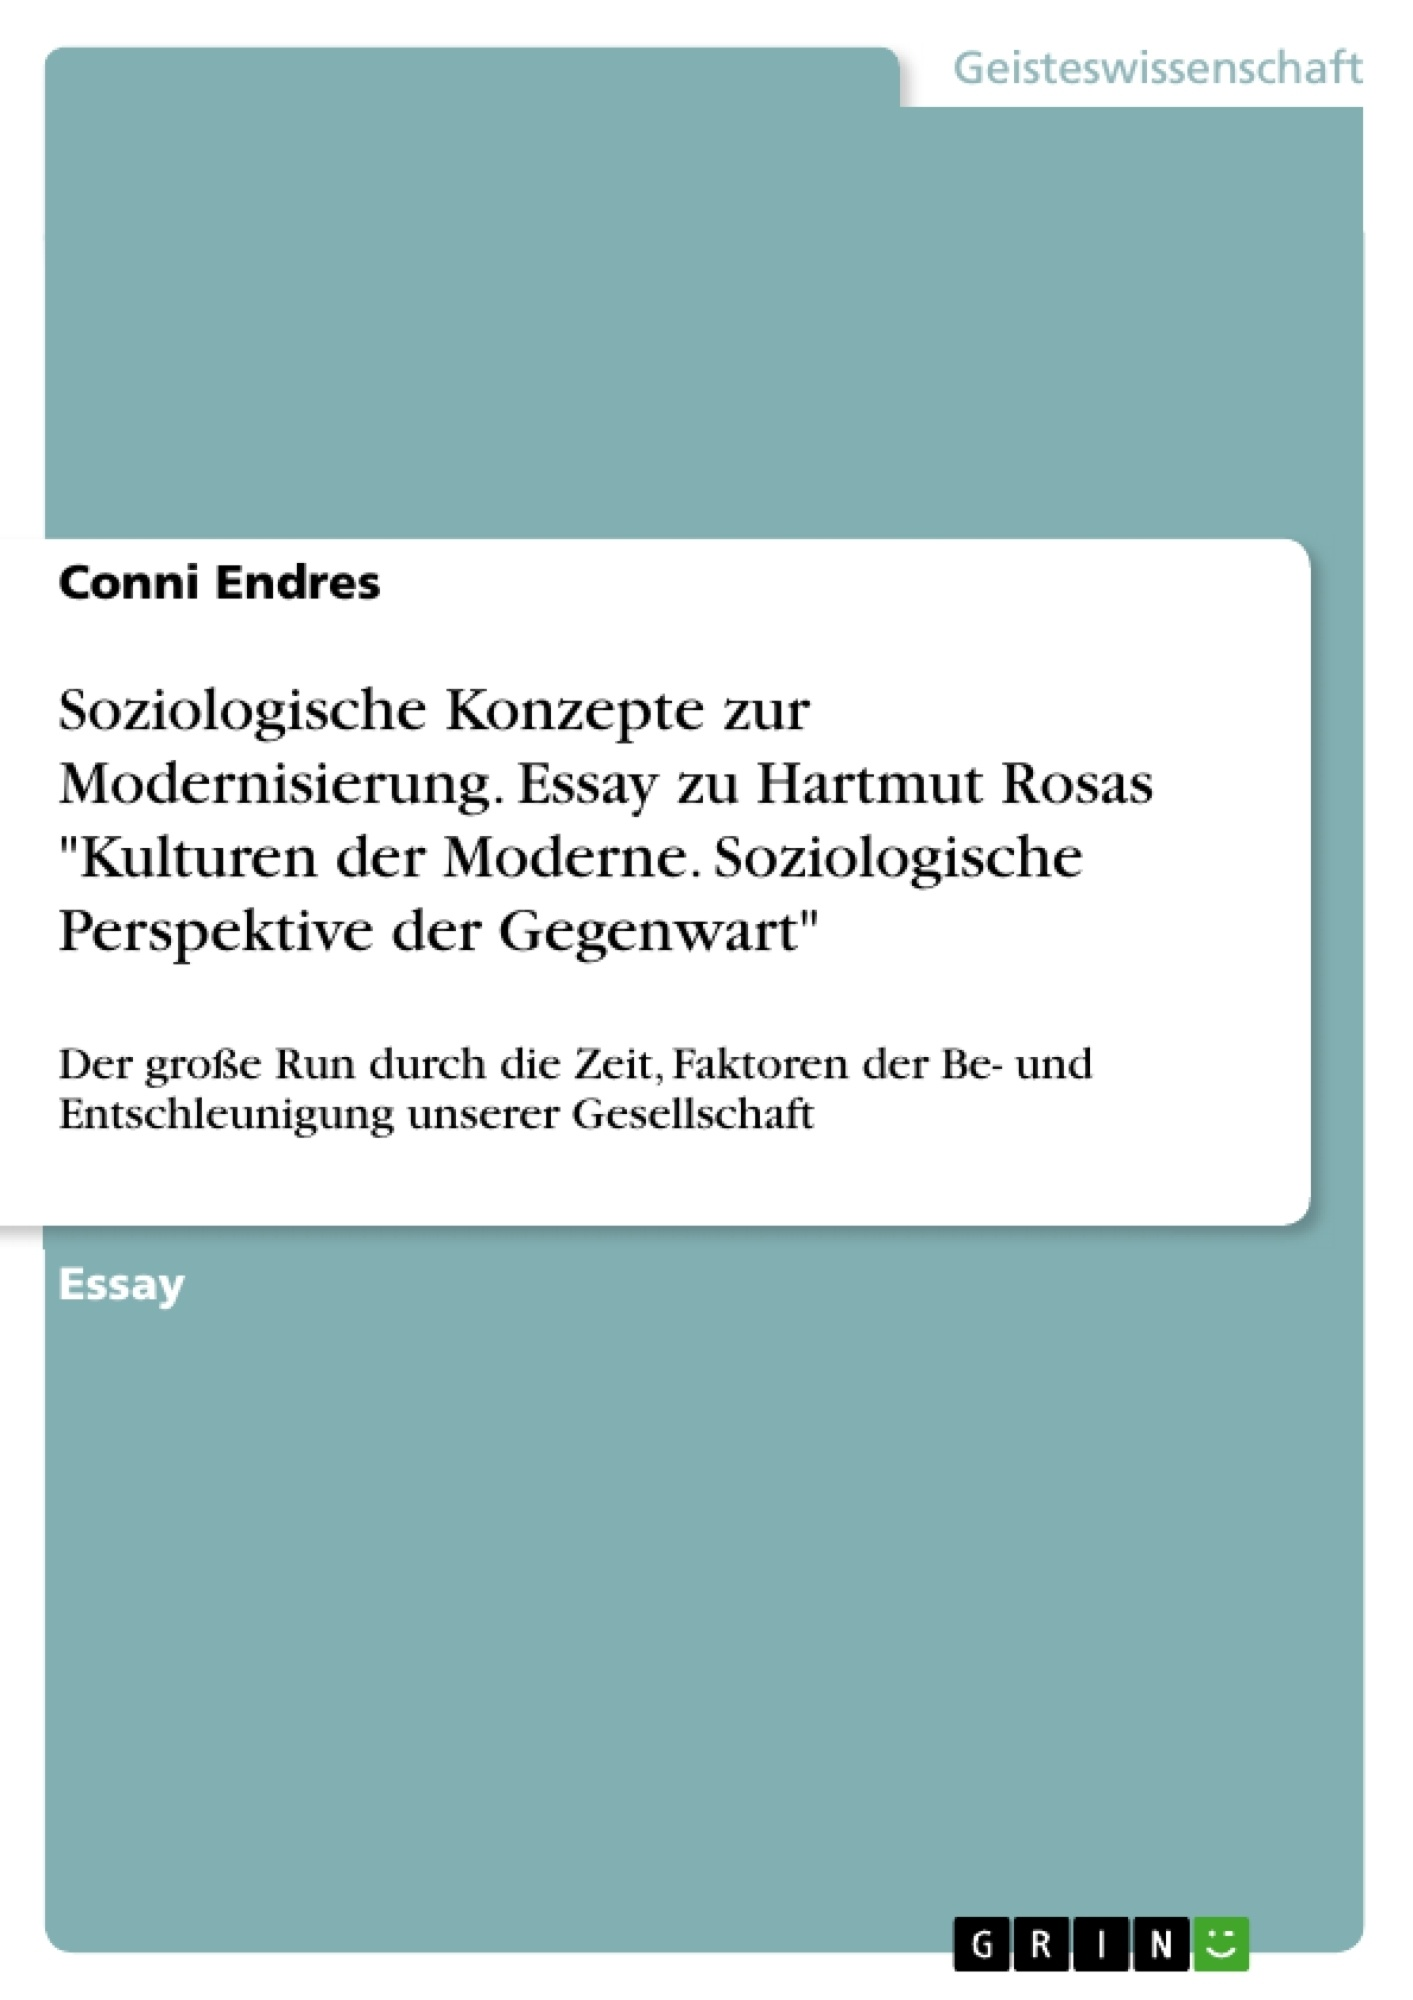 """Titel: Soziologische Konzepte zur Modernisierung. Essay zu Hartmut Rosas """"Kulturen der Moderne. Soziologische Perspektive der Gegenwart"""""""